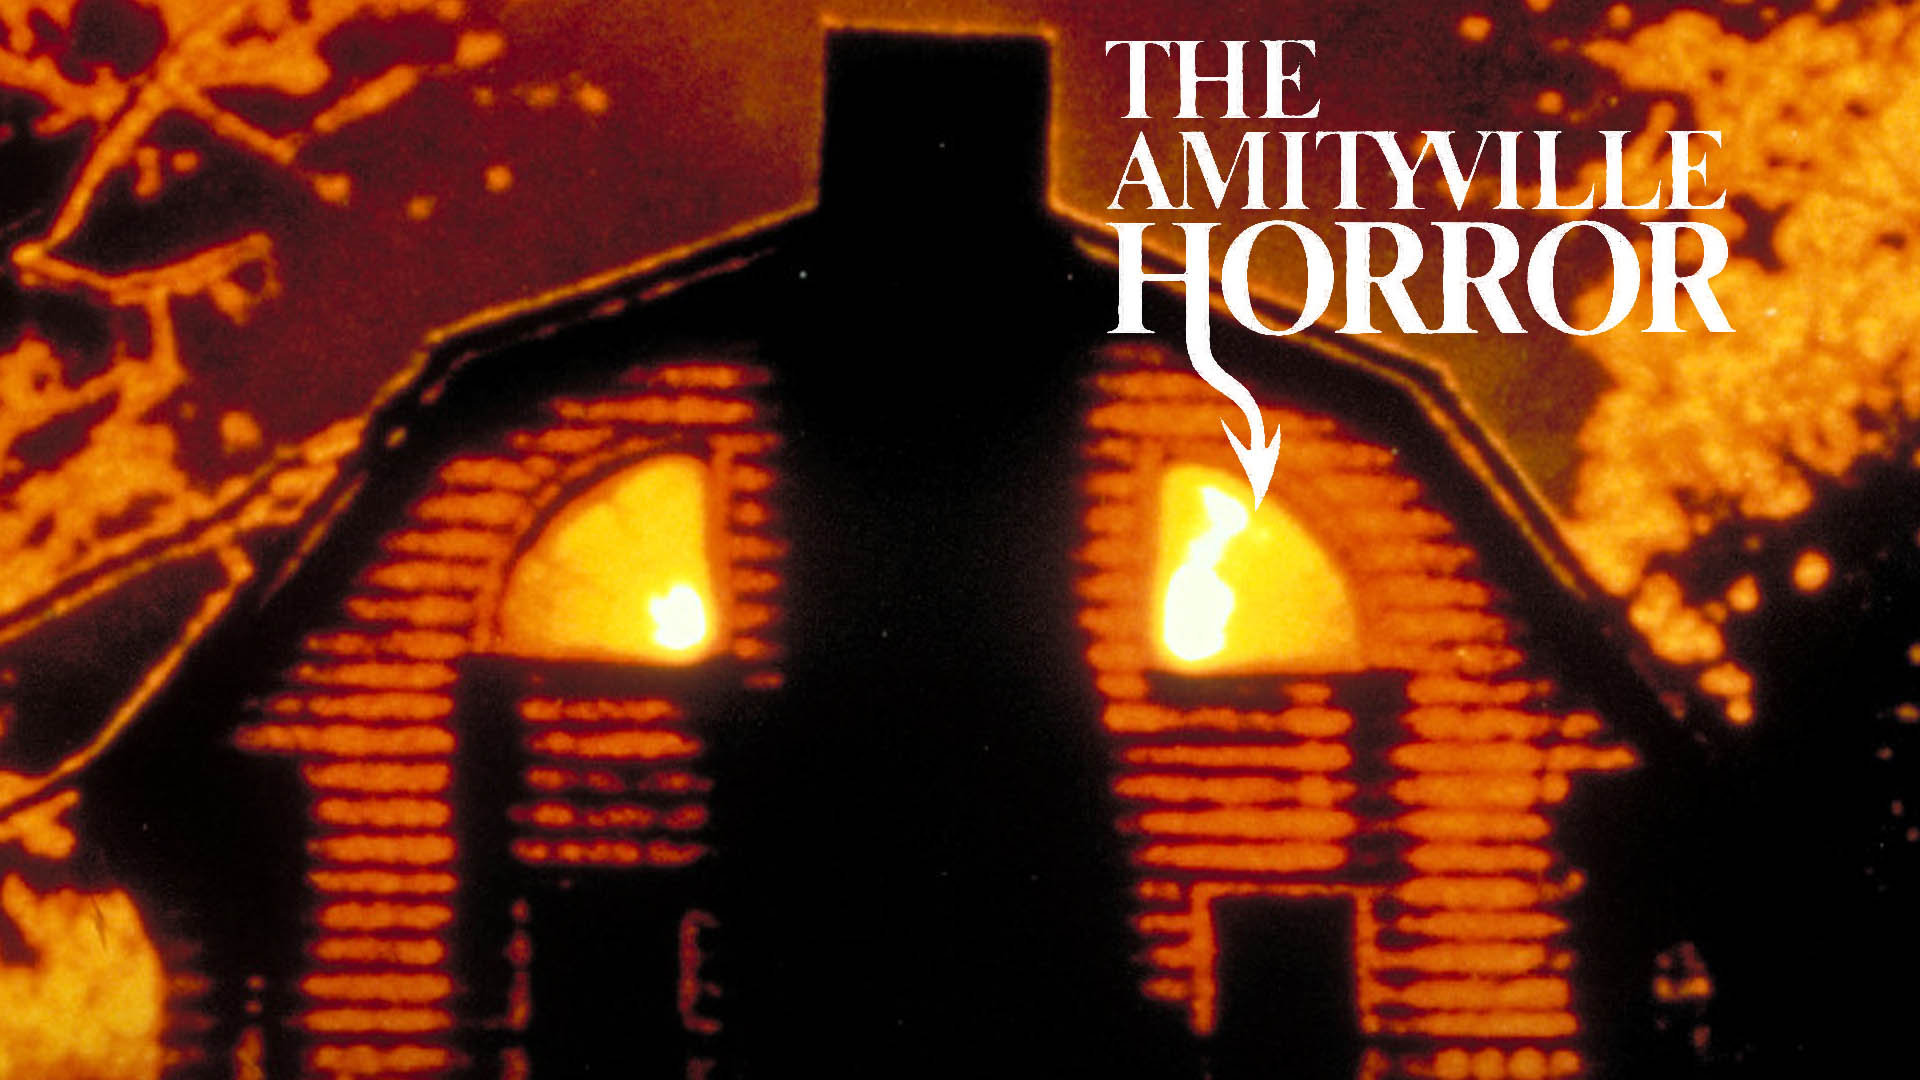 The Amityville Horror (2005)